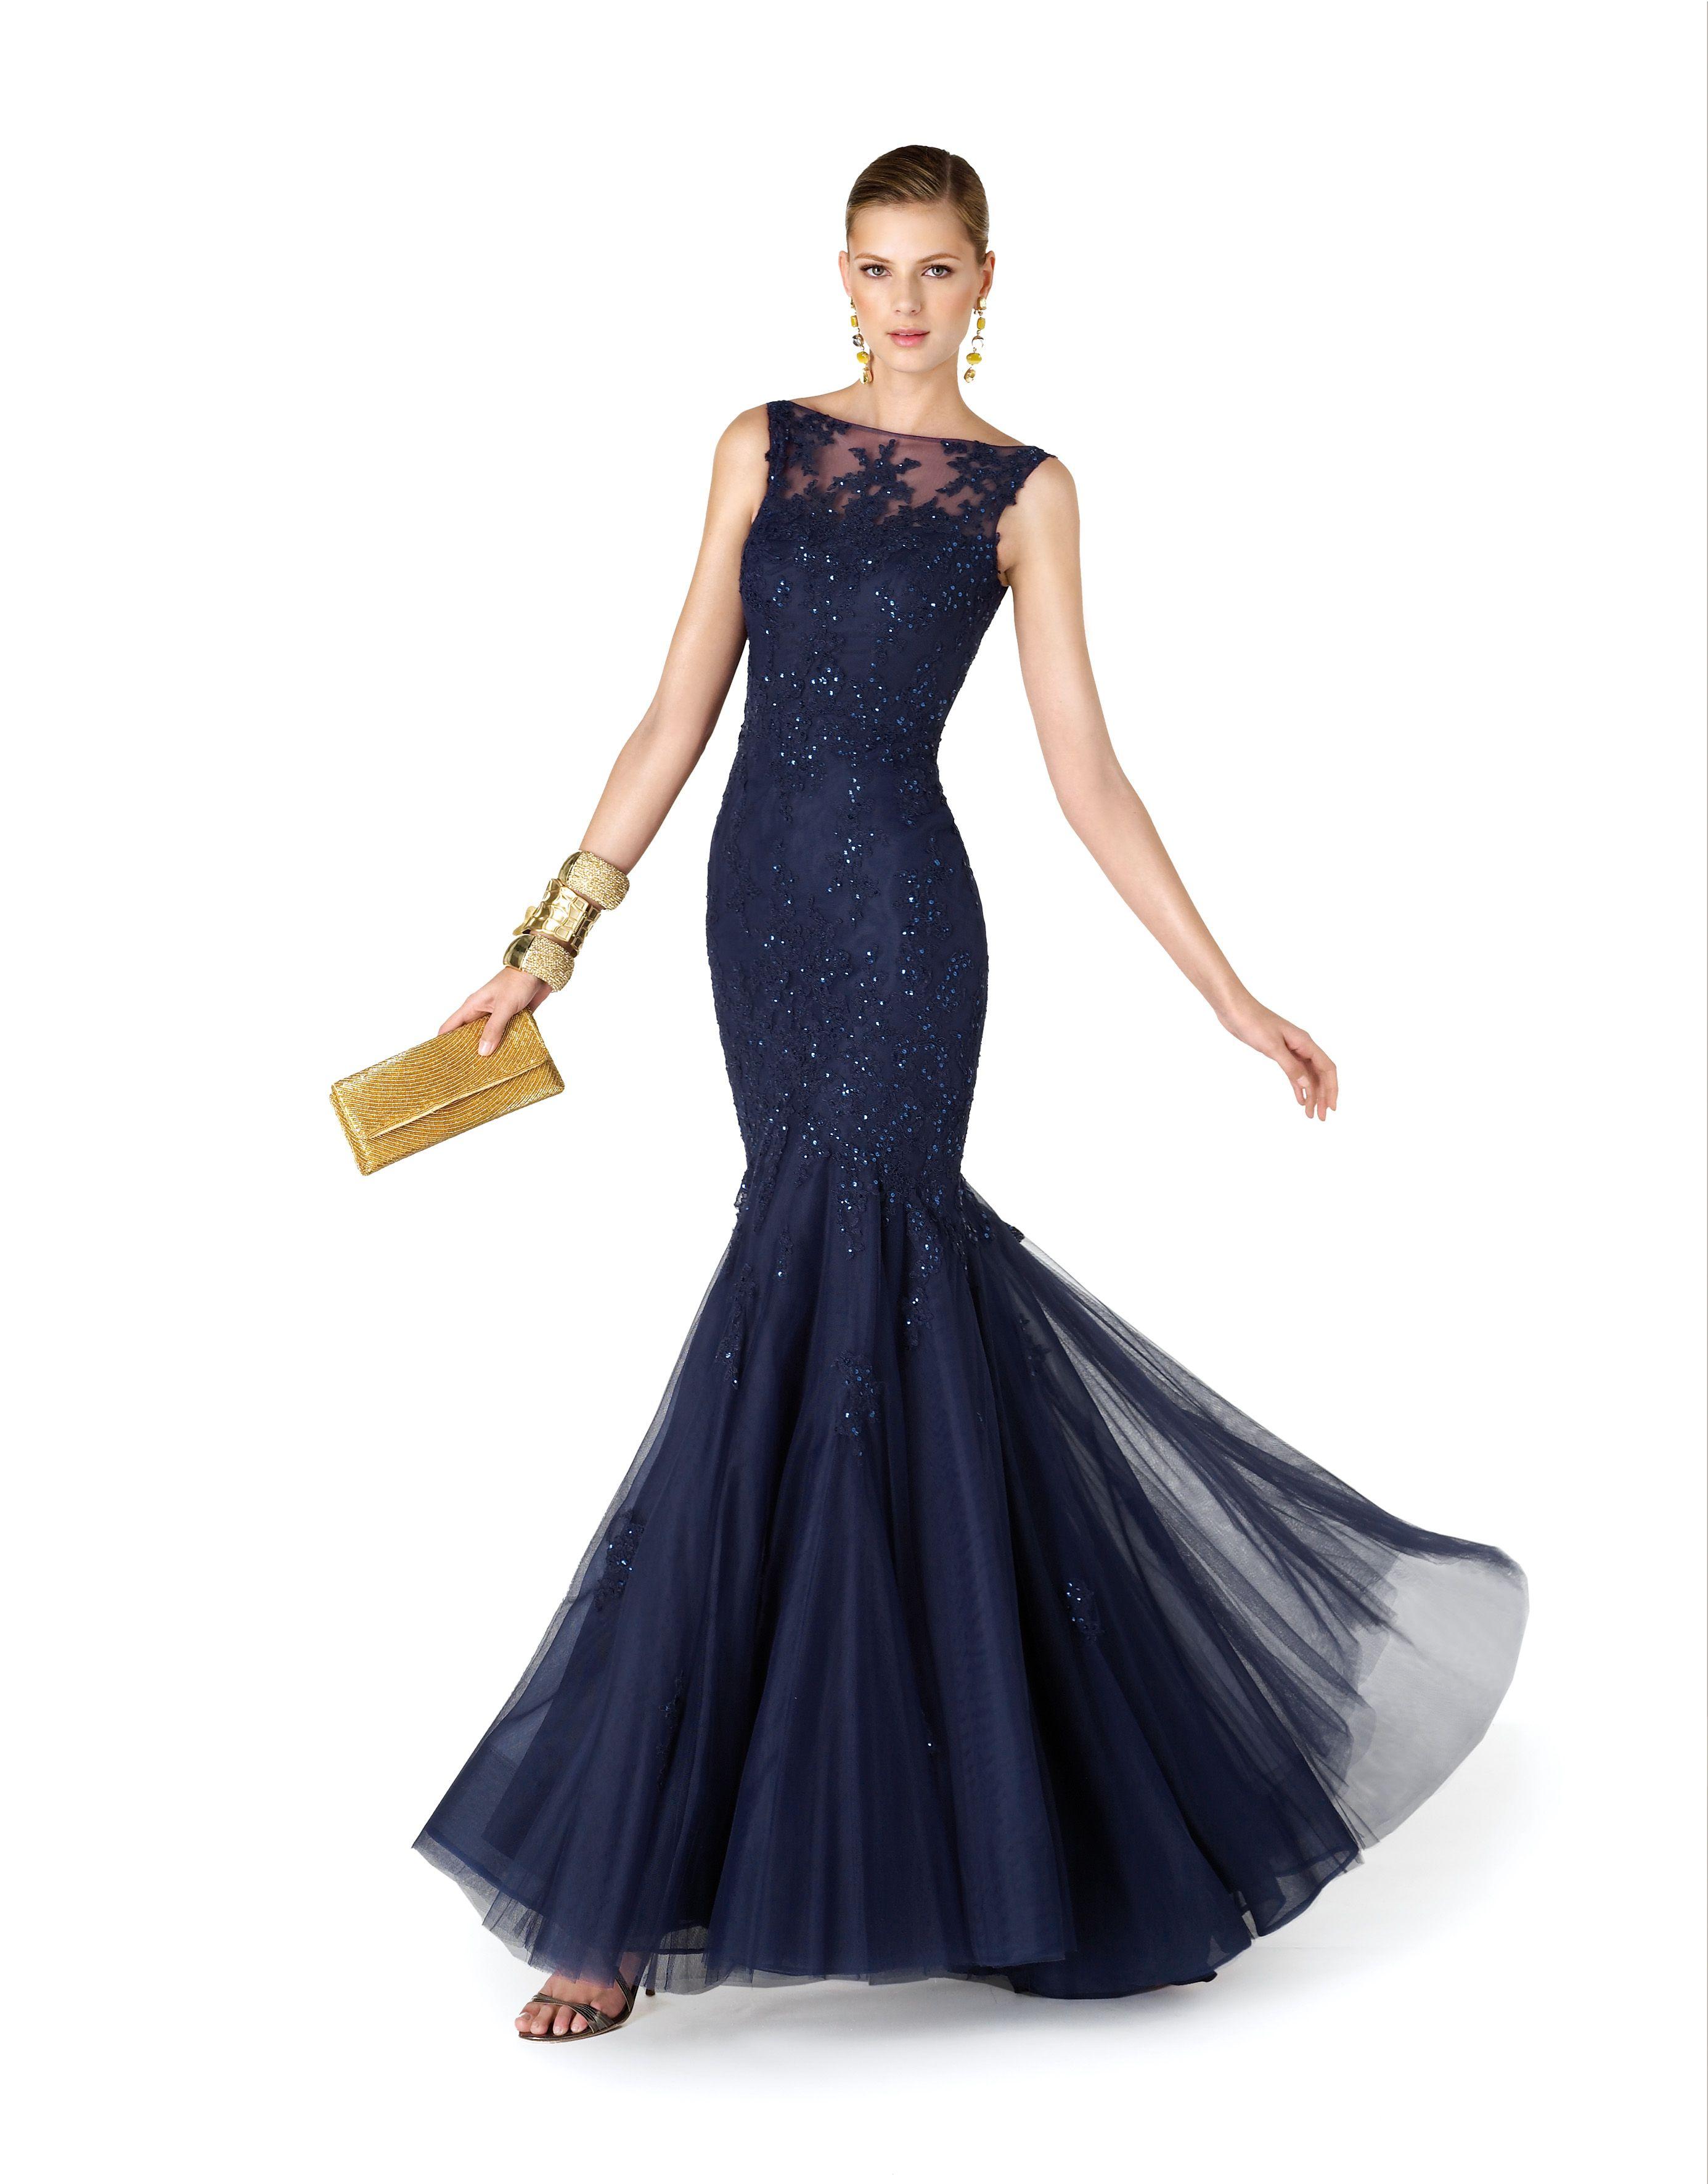 a9e41ea4b Vestido de fiesta azul marino, corte sirena, con pedrería y tul | colección  It's my Party de Pronovias Gown, attire,evening dress